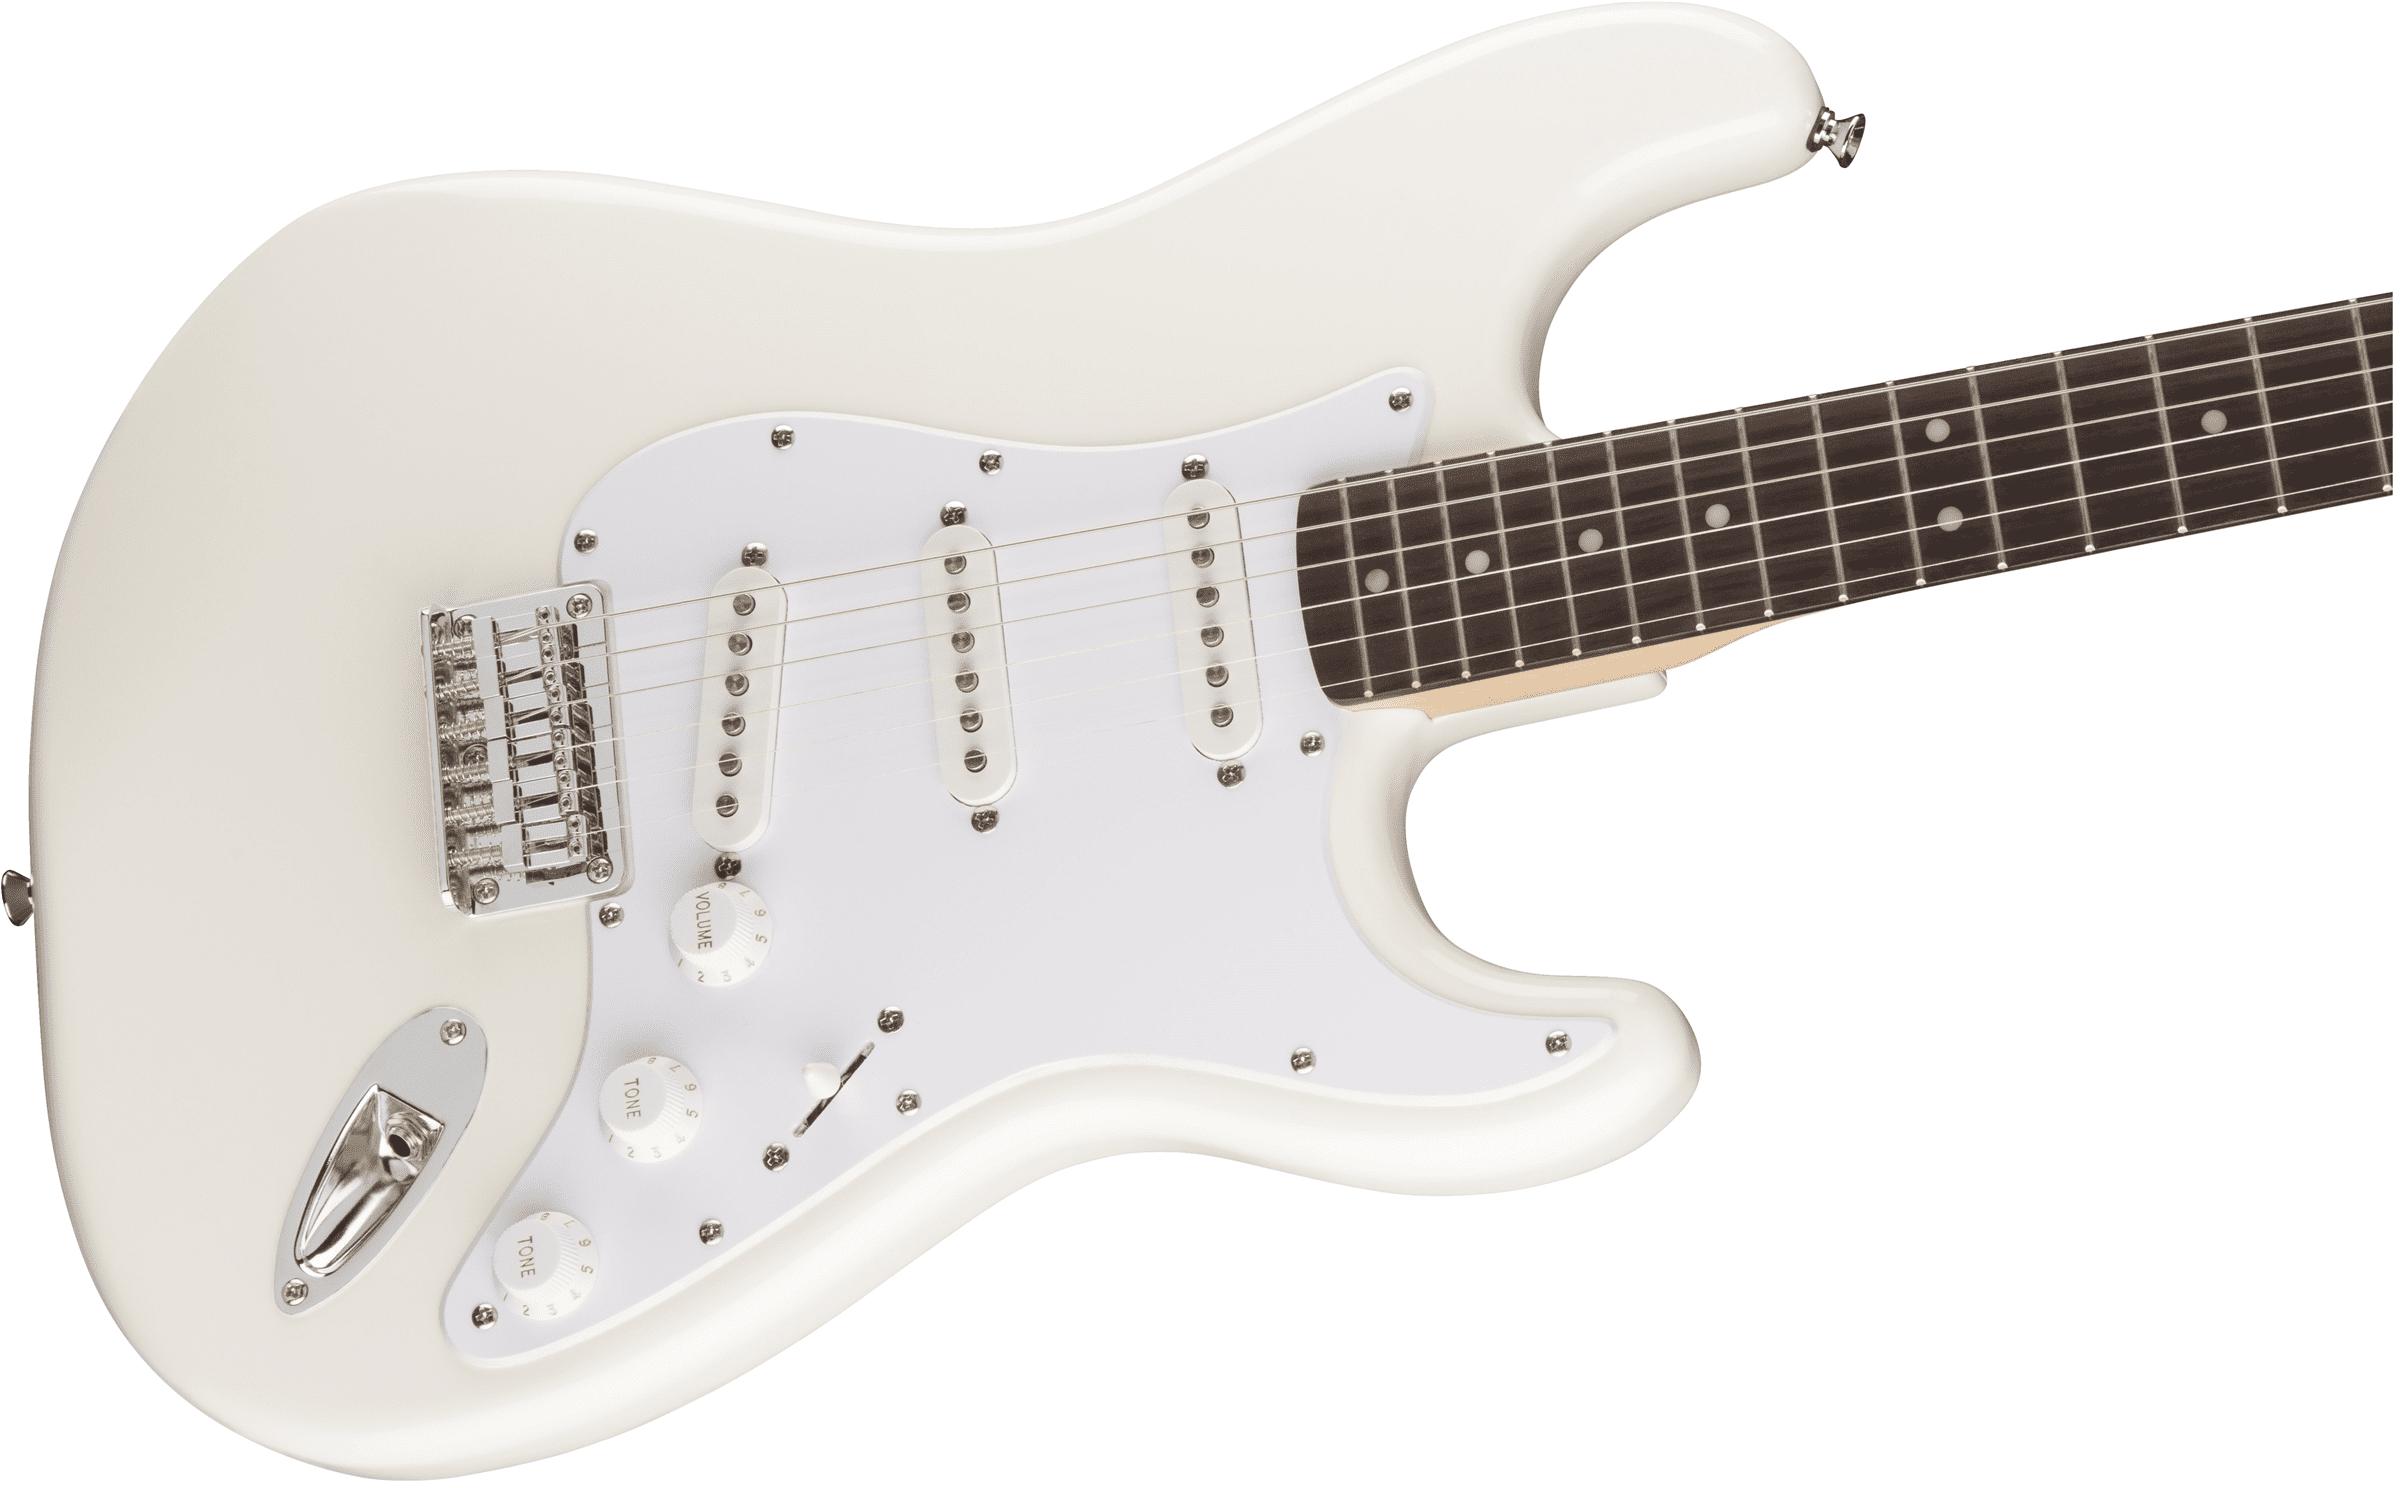 Ziemlich Fender Squier Gitarre Schaltplan Galerie - Der Schaltplan ...